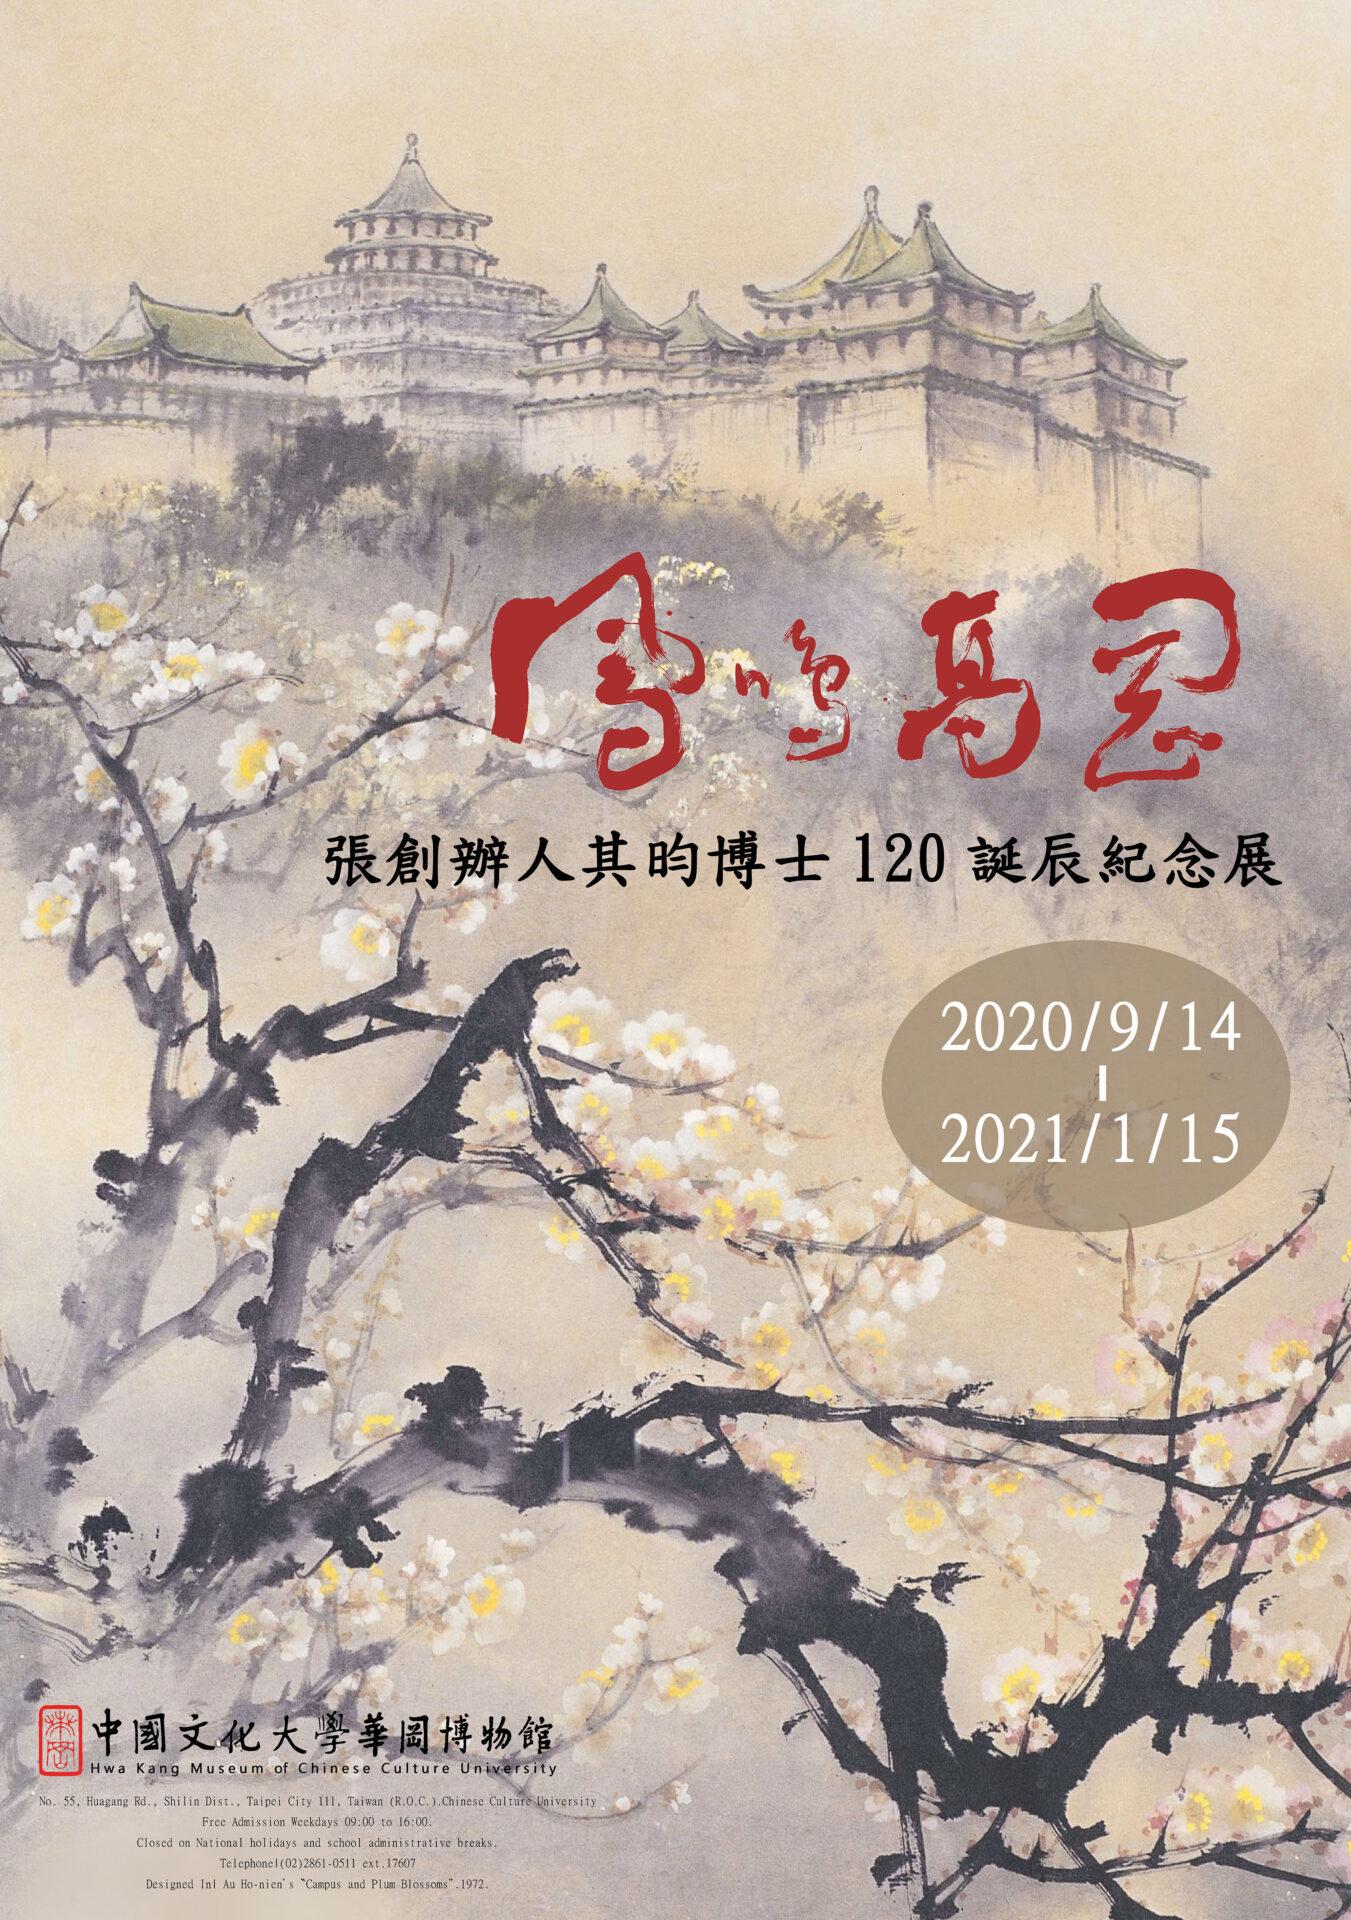 中國文化大學華岡博物館:2020/09/14-2021/01/15 【鳳鳴高岡─張創辦人其昀博士120誕辰紀念展】